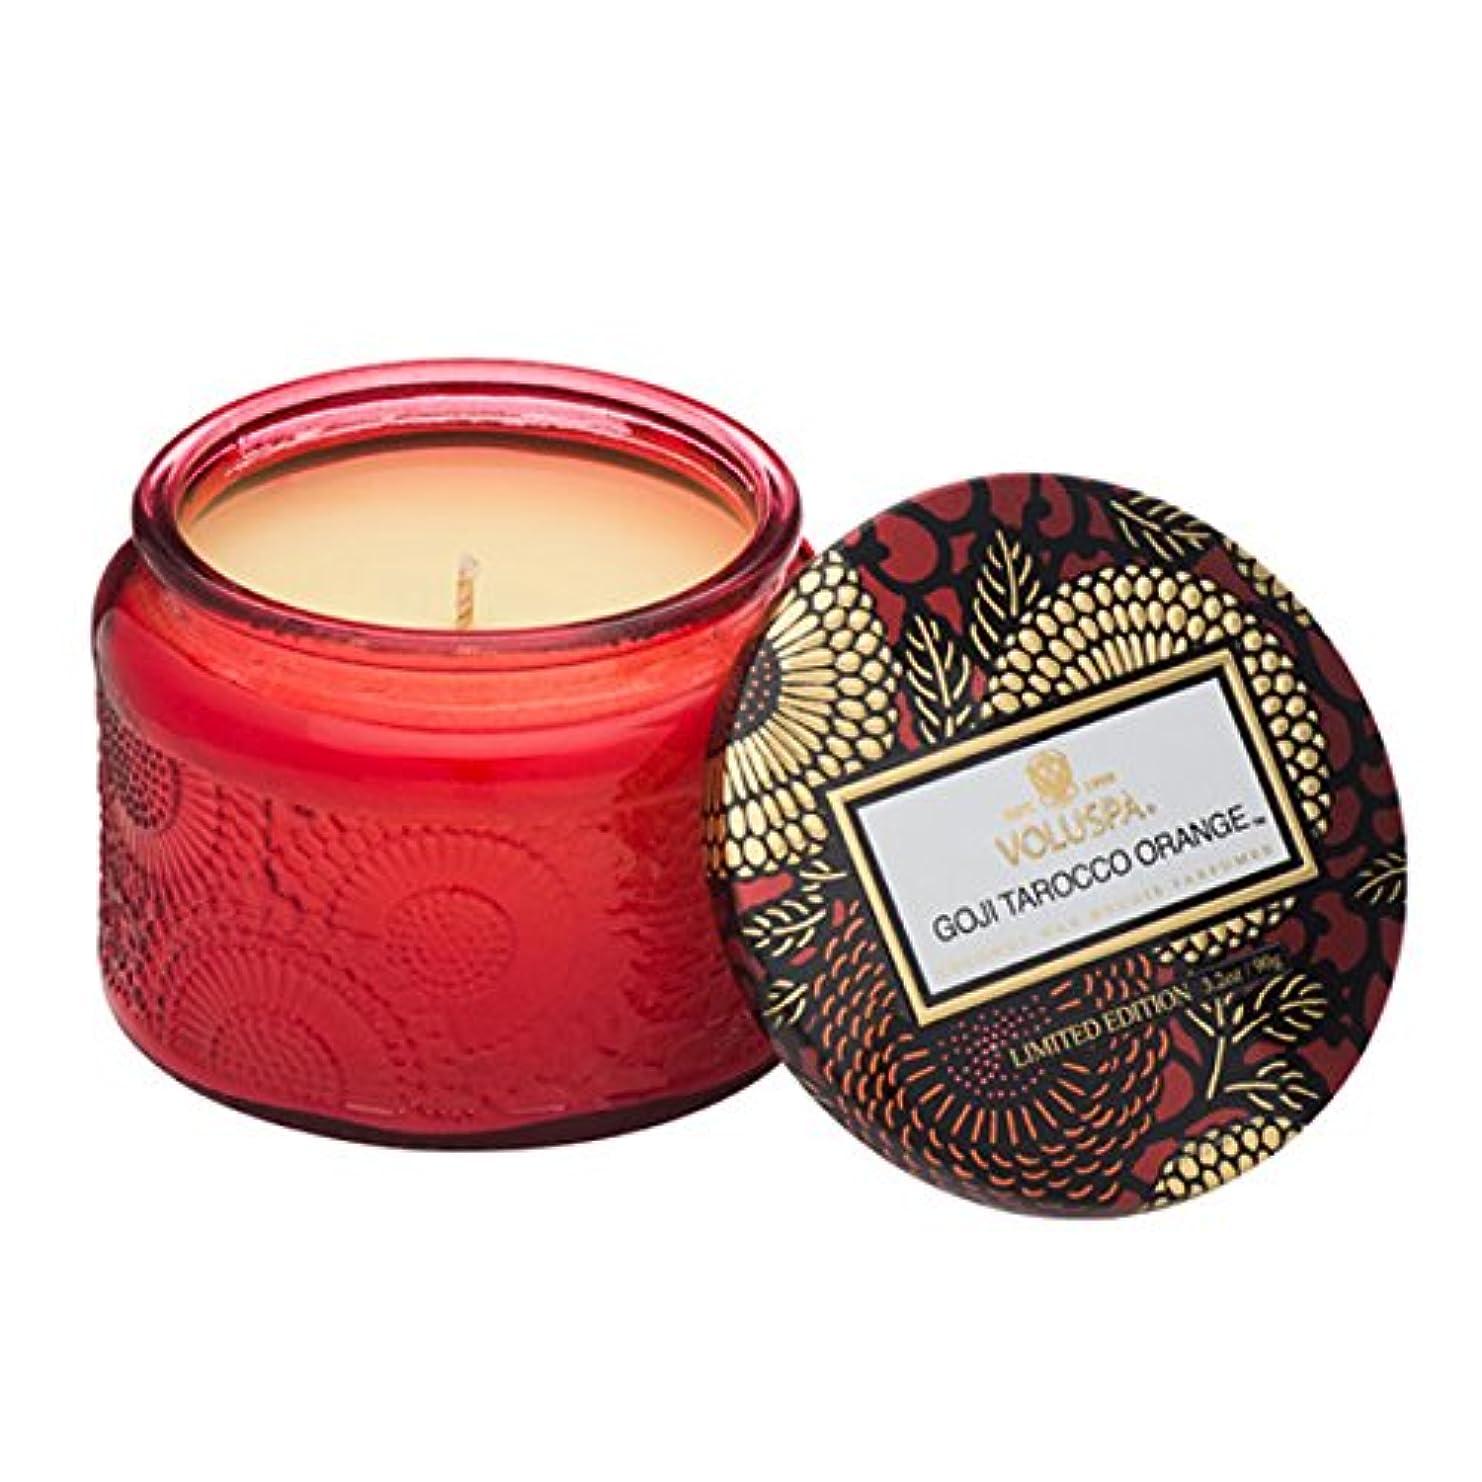 家族流行勝者Voluspa ボルスパ ジャポニカ リミテッド グラスジャーキャンドル  S ゴージ&タロッコオレンジ GOJI & TAROCCO ORANGE JAPONICA Limited PETITE EMBOSSED Glass jar candle